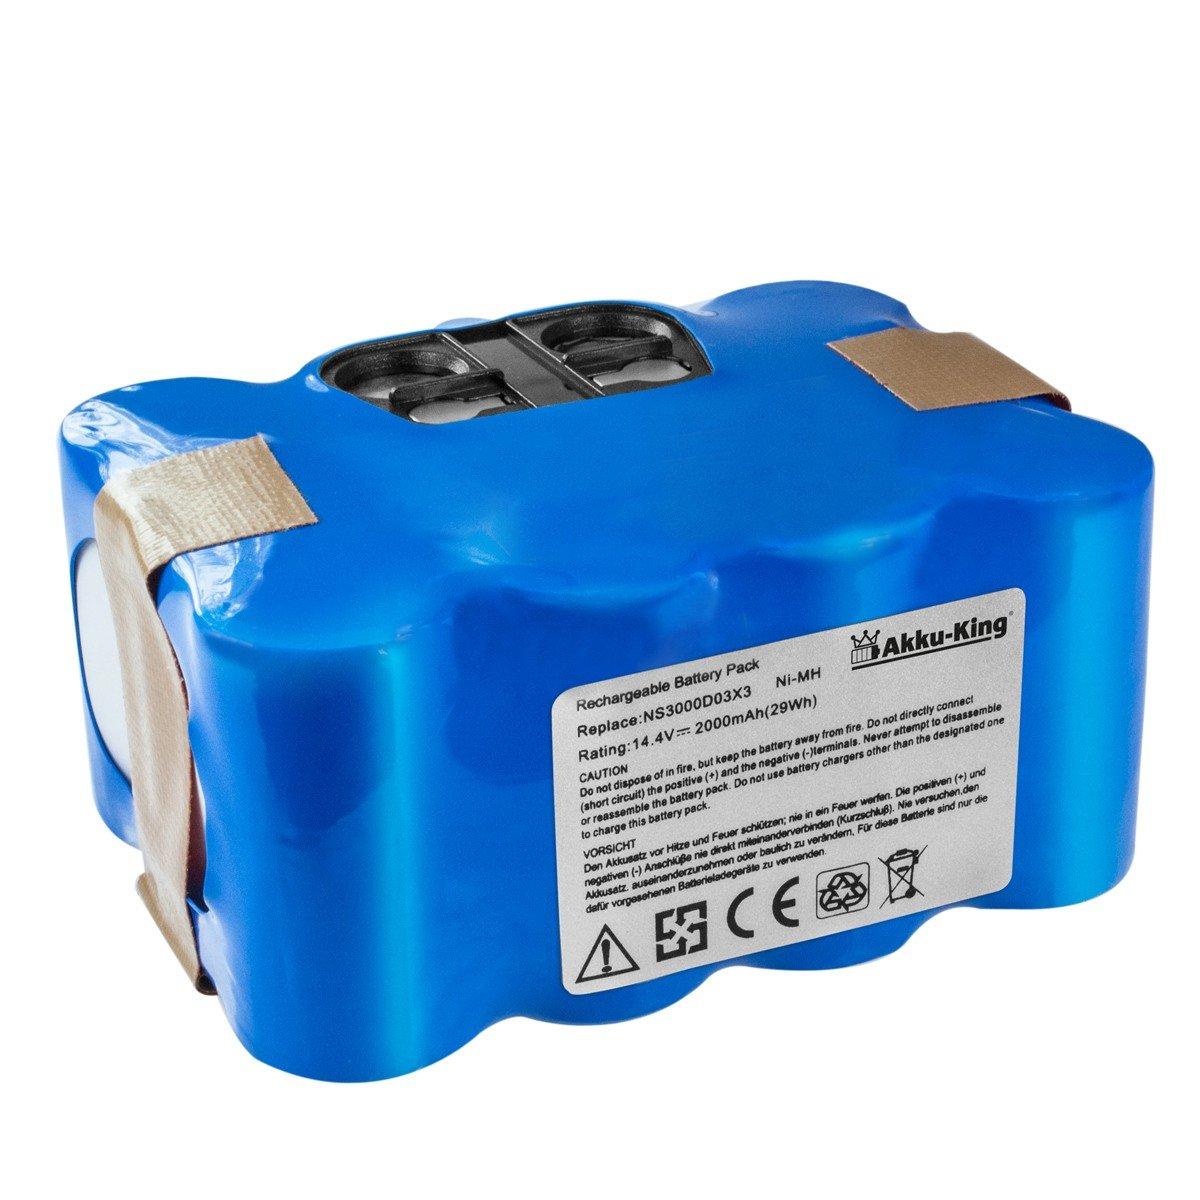 Akku-King 20112212 batería recargable Níquel-metal hidruro (NiMH) 2000 mAh 14,4 V - Accesorio para aspiradora (Robot vacuum, Batería, Azul, Blanco, ...